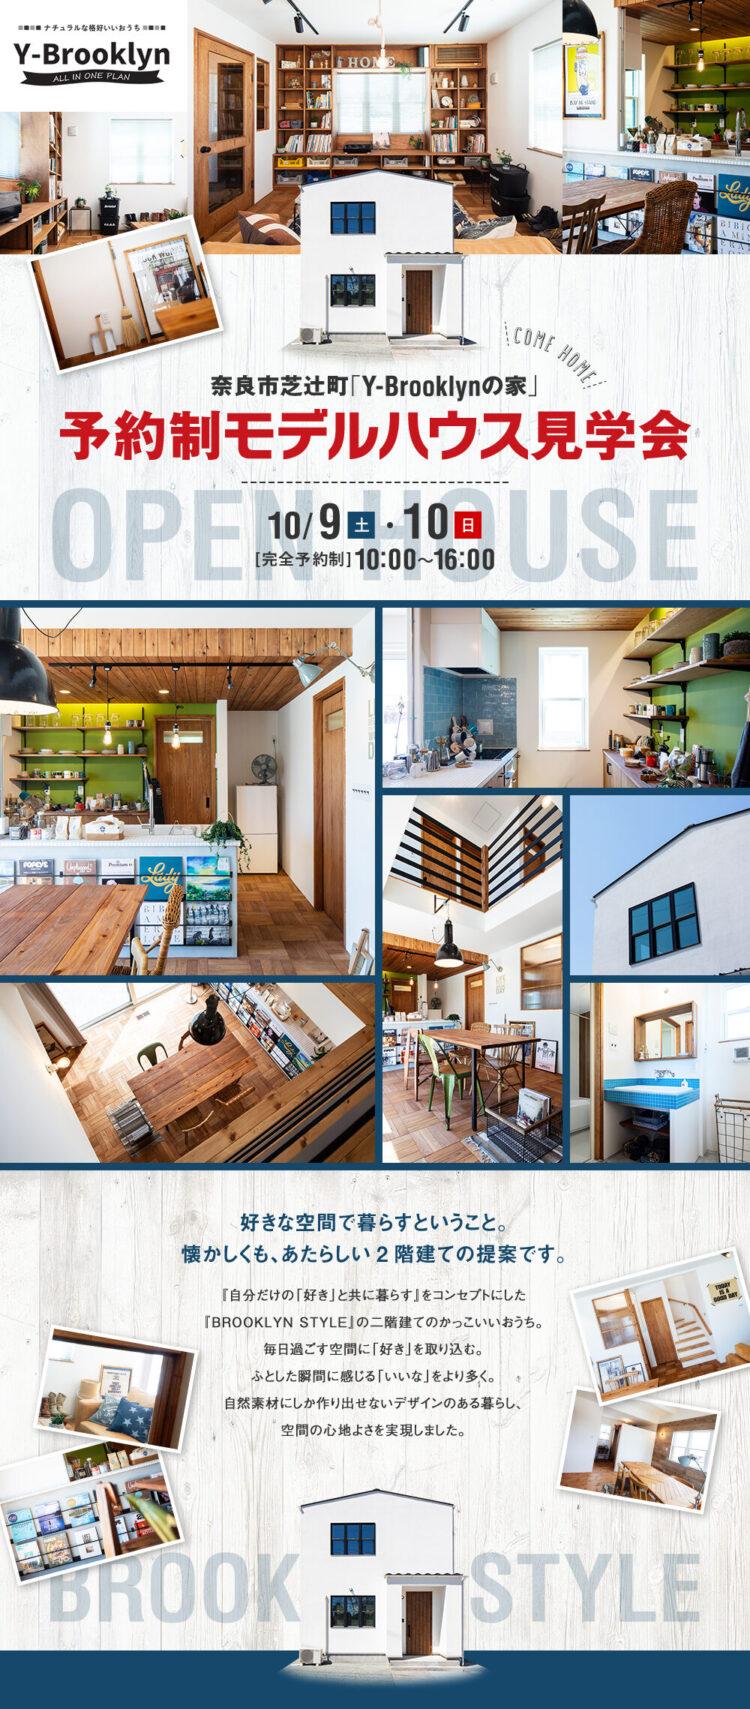 LP 芝辻 1009-10